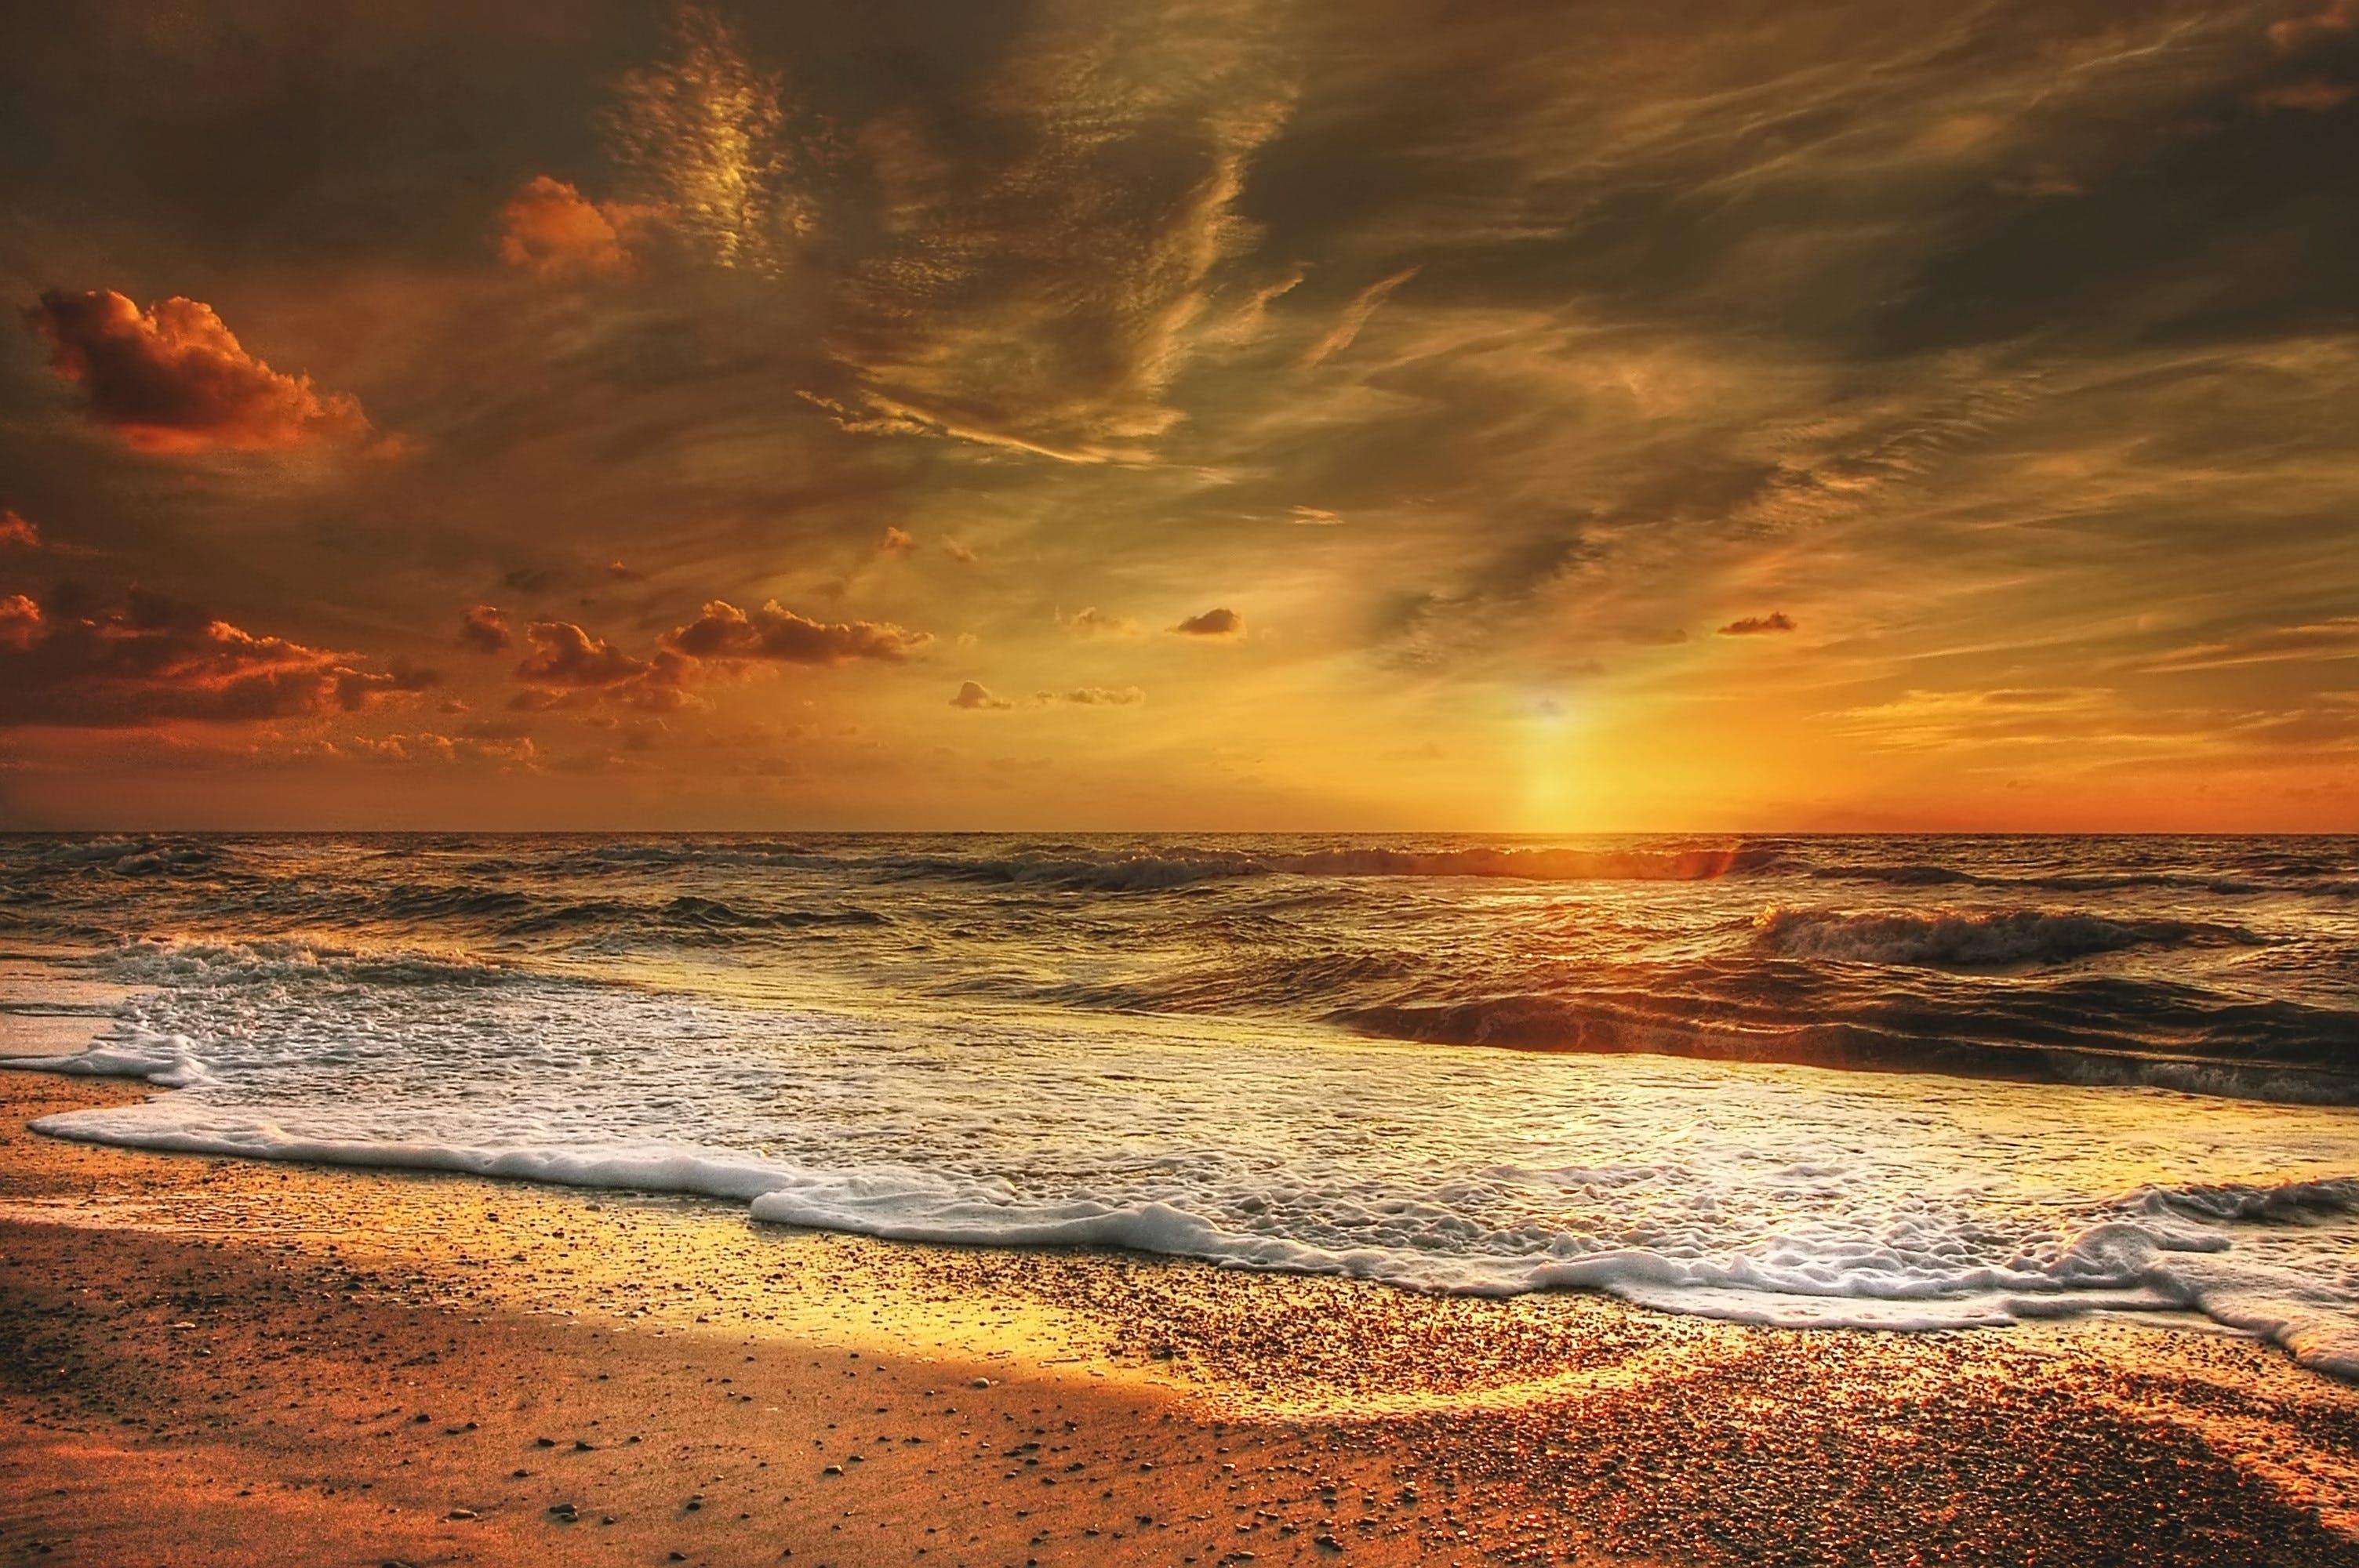 Δωρεάν στοκ φωτογραφιών με hdr, ακτή, άμμος, απόγευμα